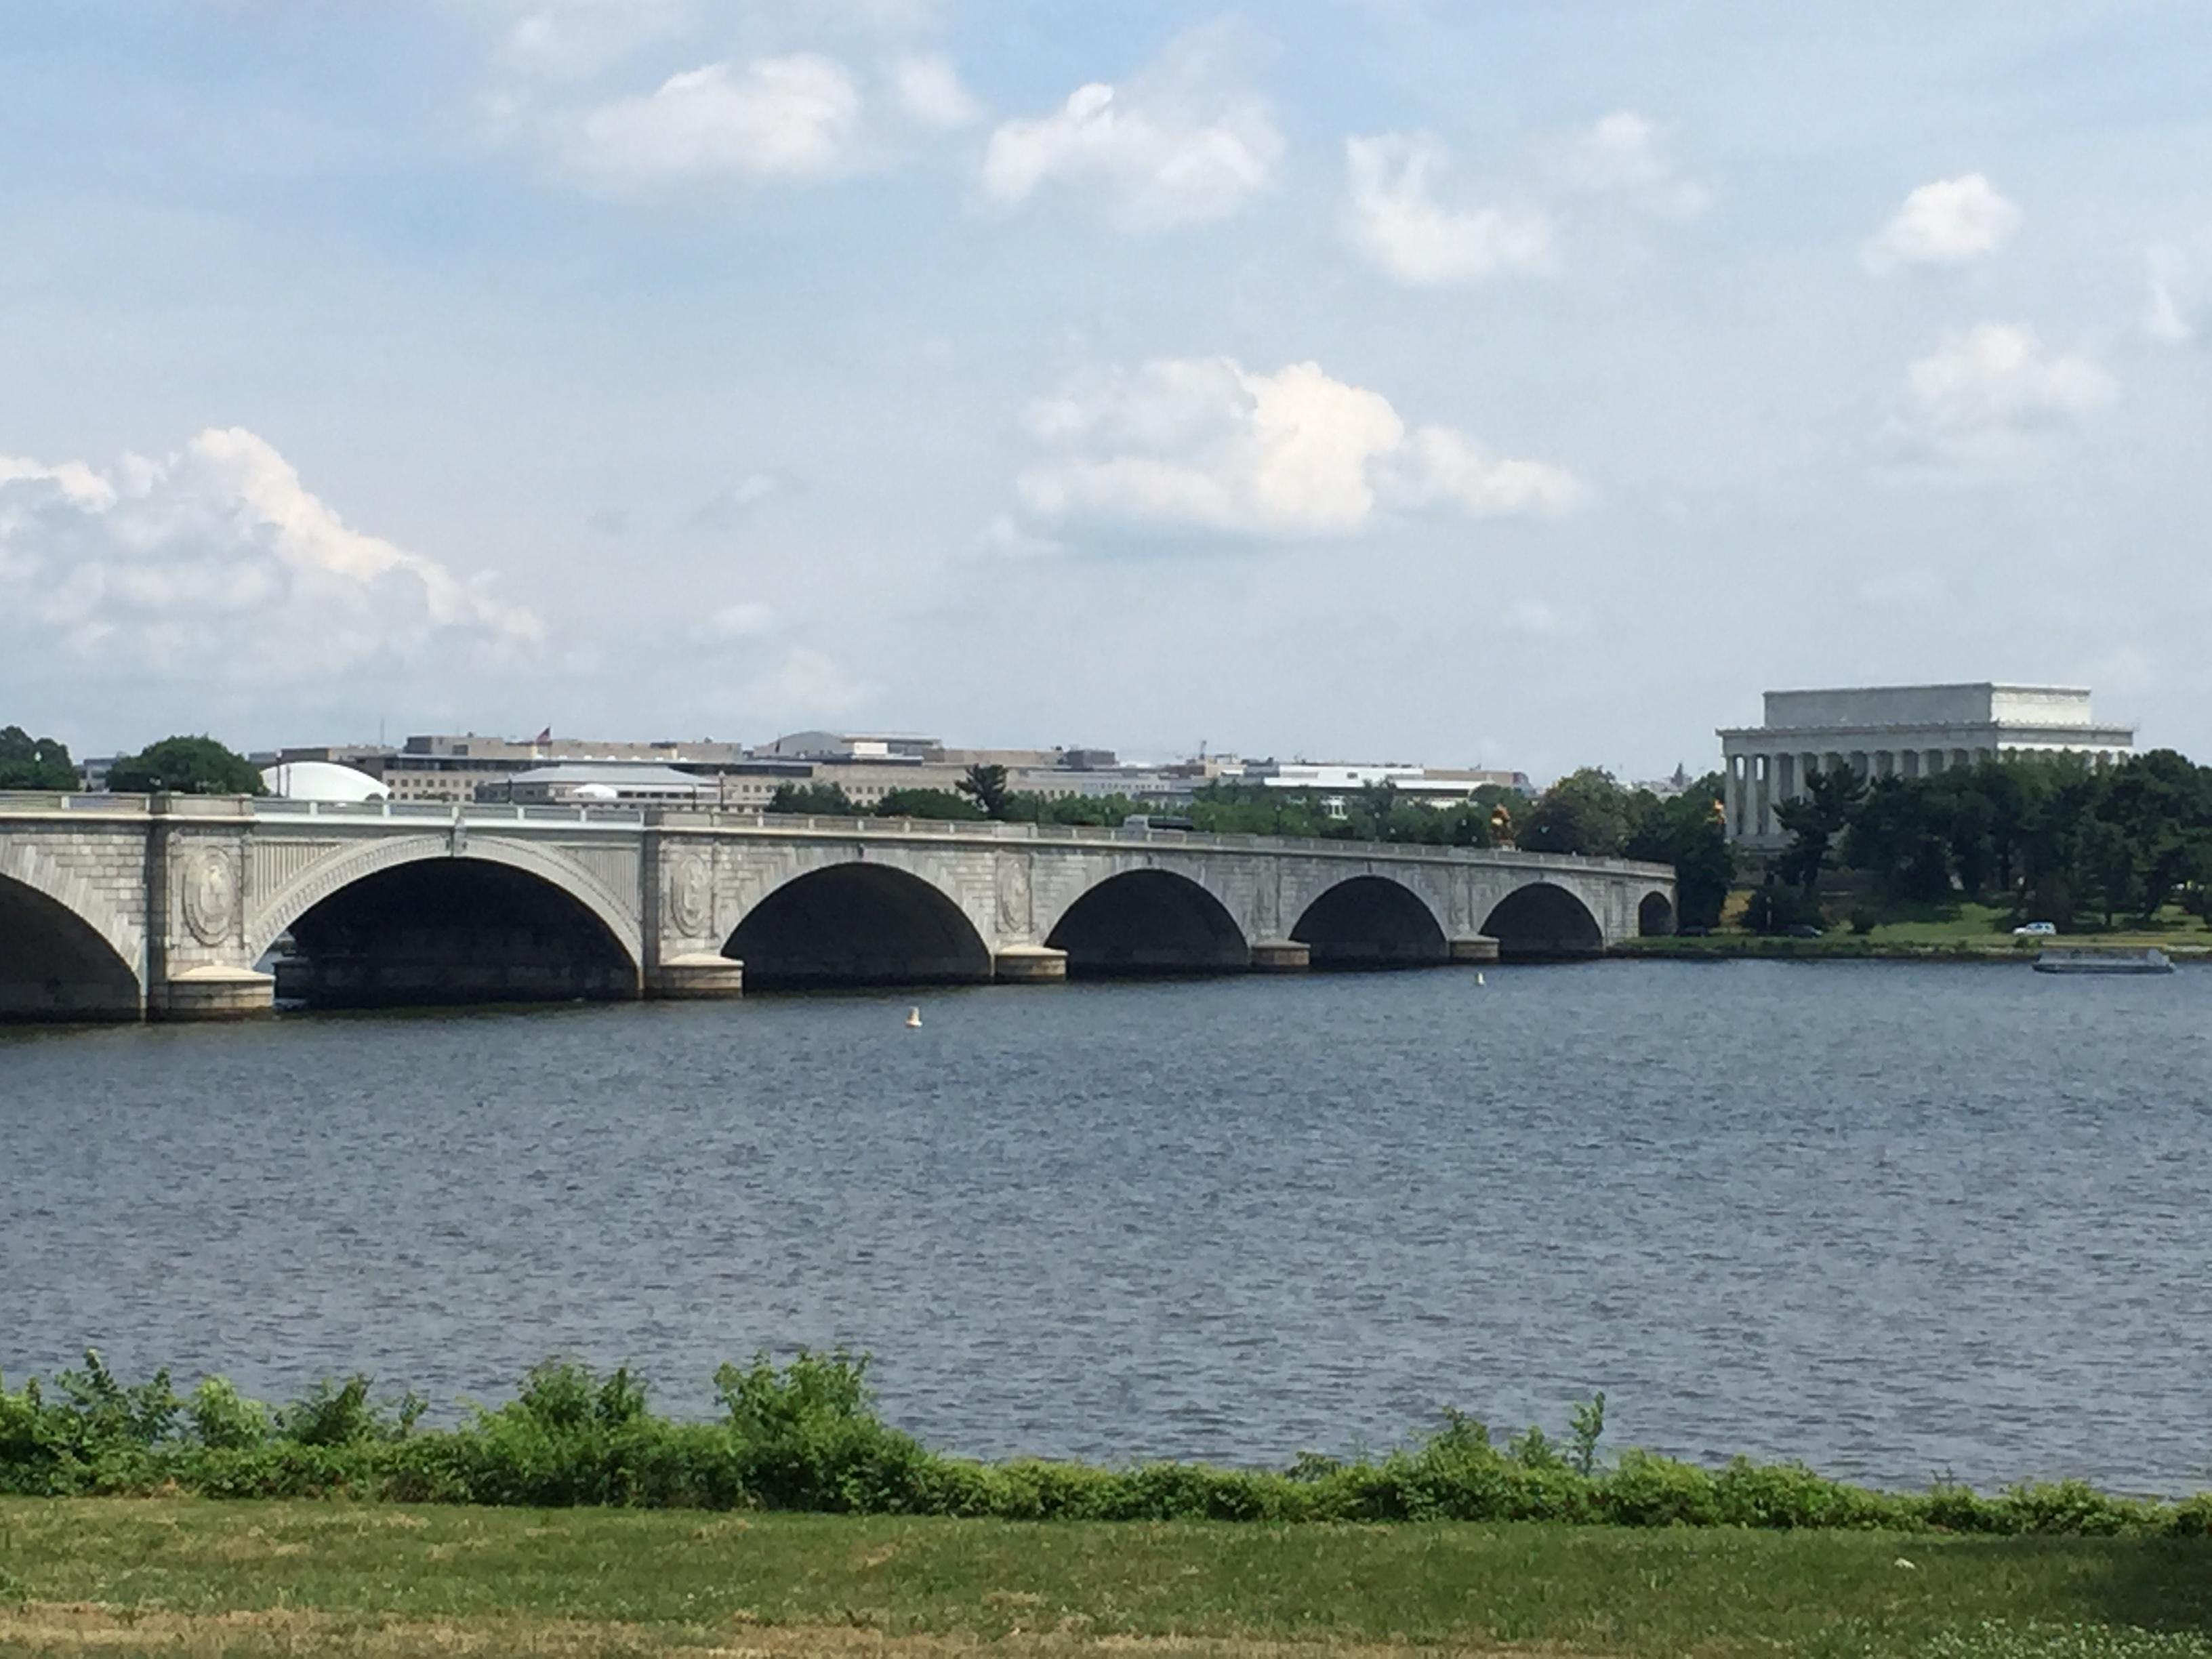 DC's Arlington Memorial Bridge could close in 5 years